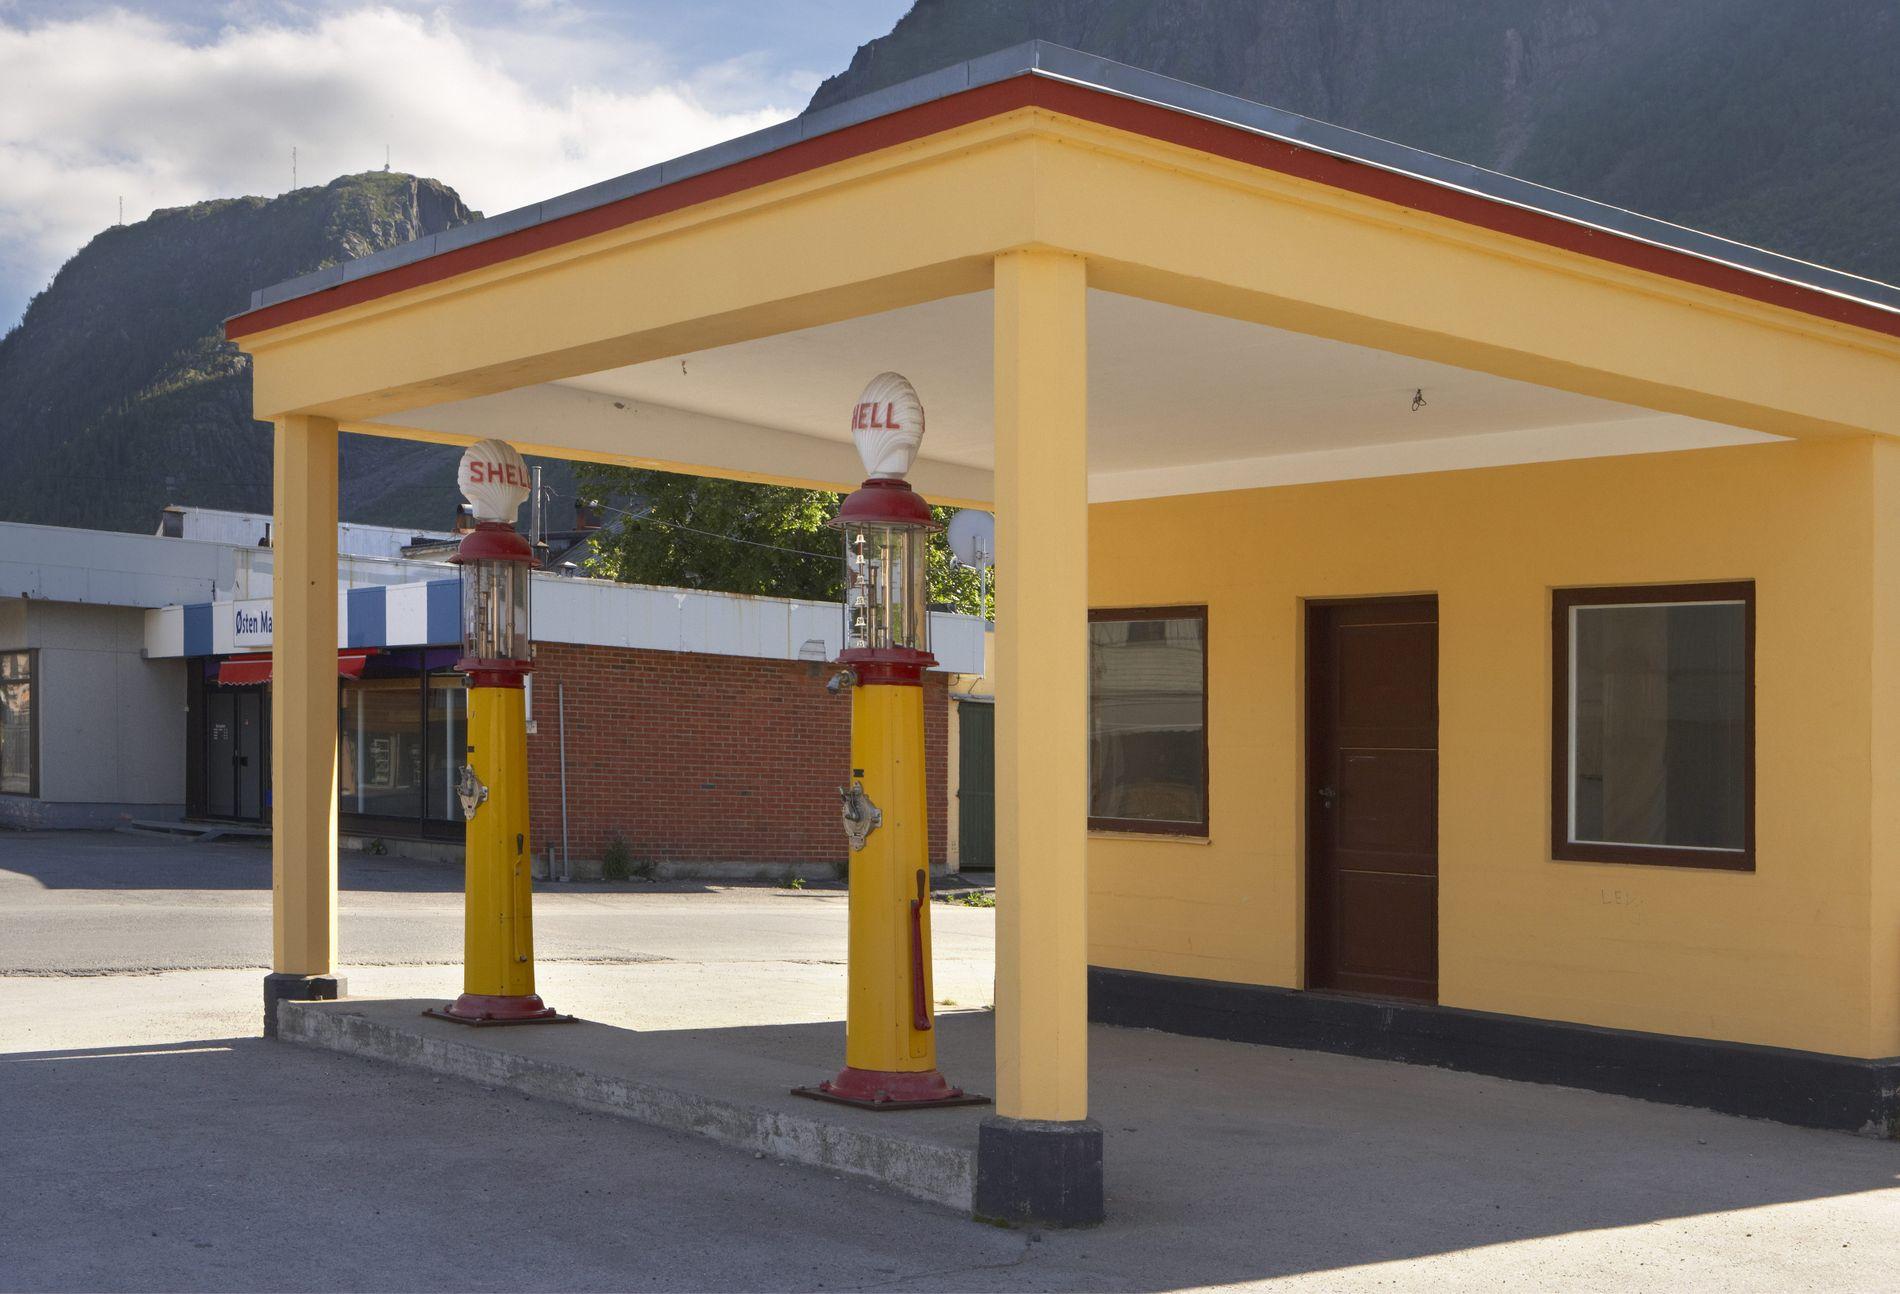 FREDET: Denne bygningen er den eldste originale bensinstasjonen i Nordland.Foto: Tore Wuttudal Samfoto  Stasjonen i Mosjøen er et typisk eksempel på den funksjonalistiske stilen, som slo for fullt igjennom i Norge på 1930-tallet. Den er også den eldste originale bensinstasjonen i Nordland.  Bygningen var i bruk som bensinstasjon fram til 1954. I dag er stasjonen en del av  Helgeland museum . Den er restaurert av museet i samarbeid med Nordland fylkeskommune, og kan besøkes i sommersesongen.